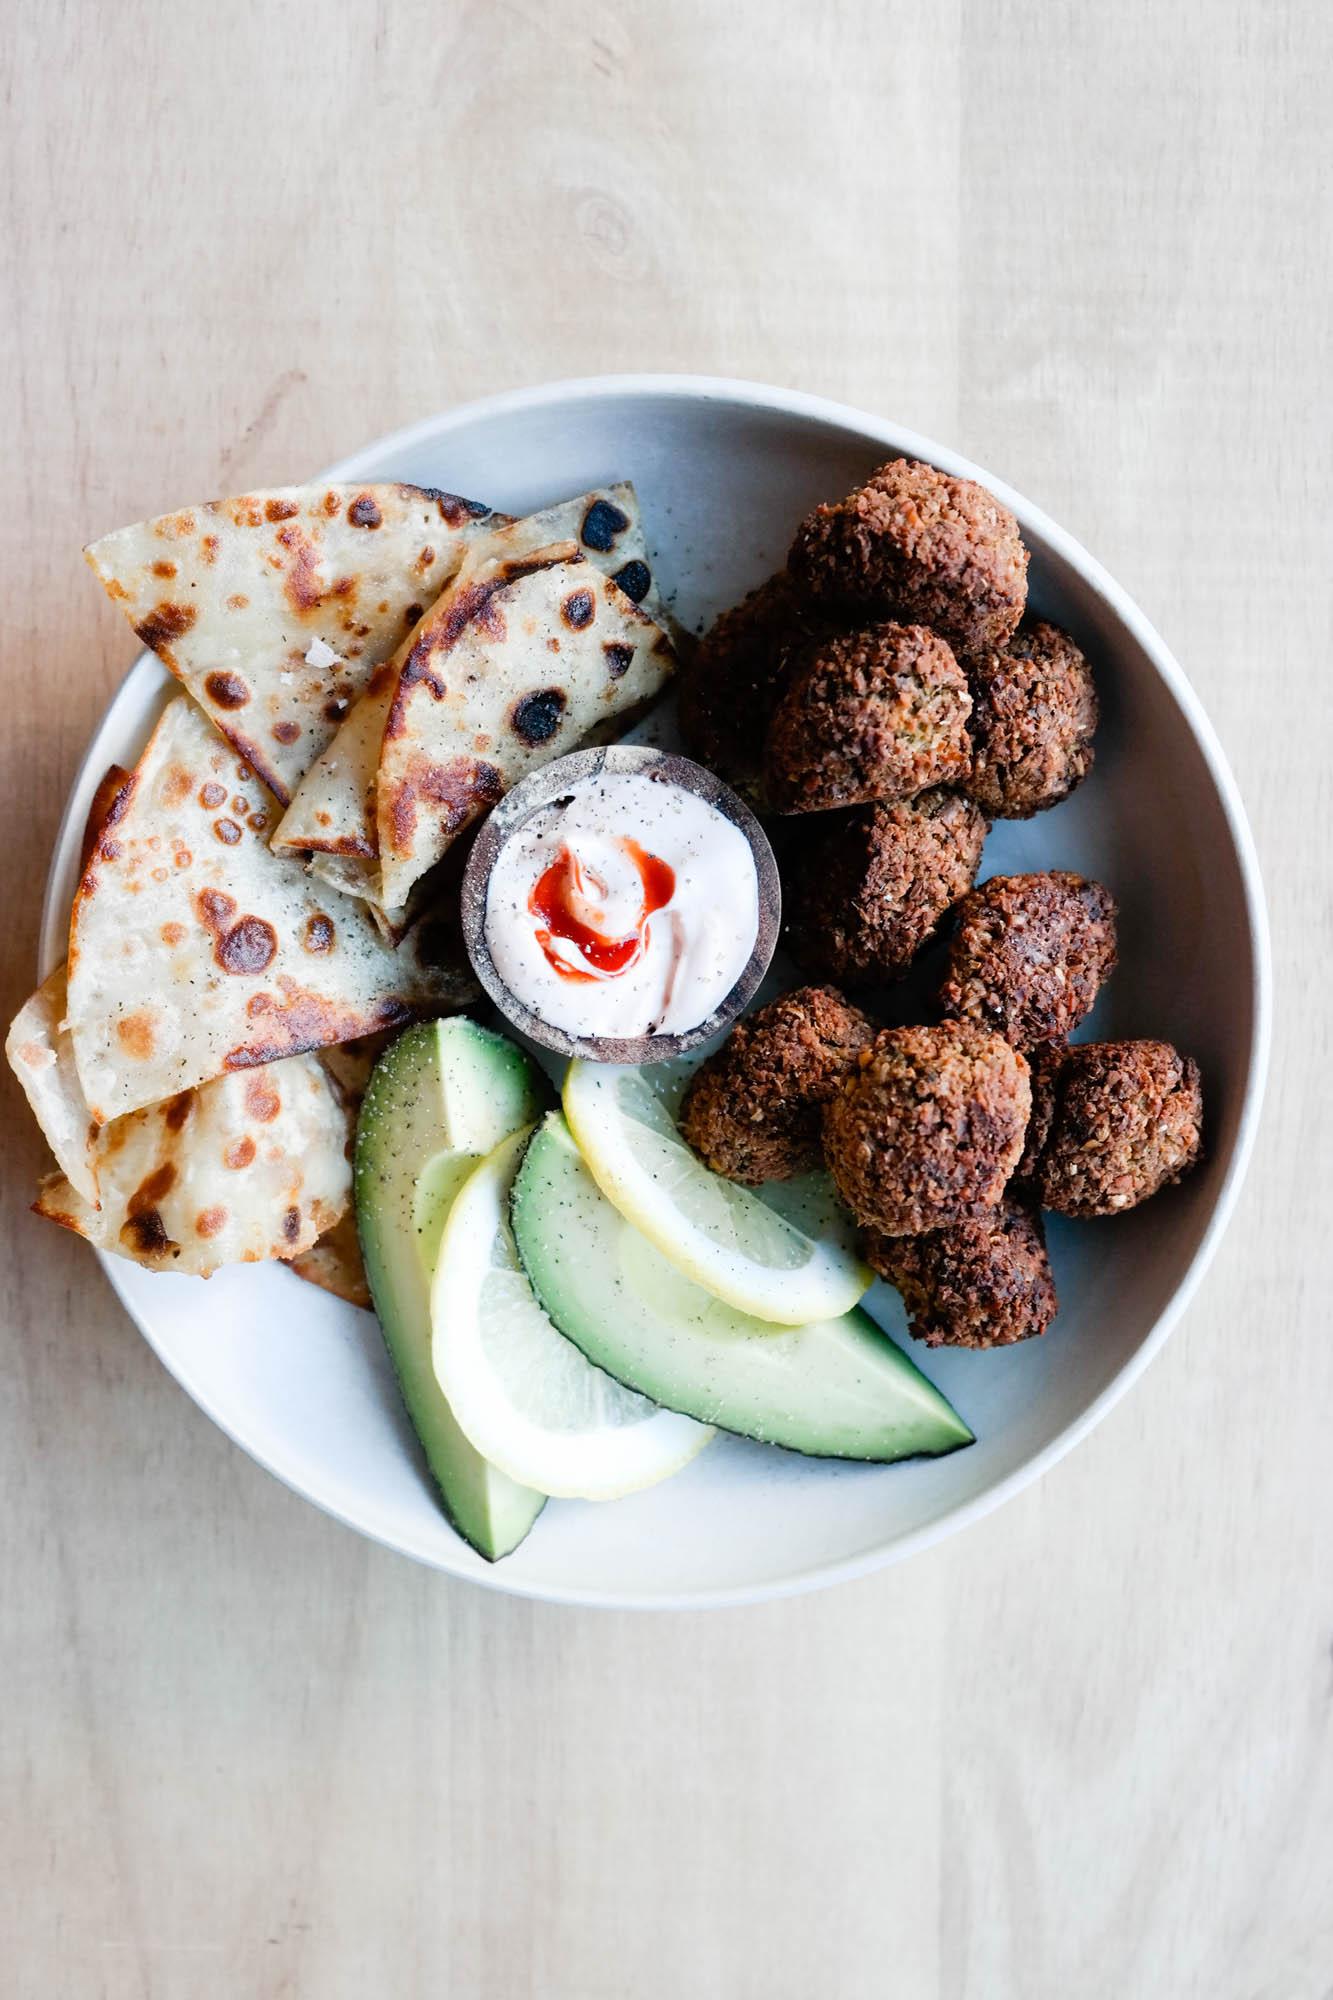 Du kan lage perfekte, fantastiske, veganske falafler helt uten frityr!